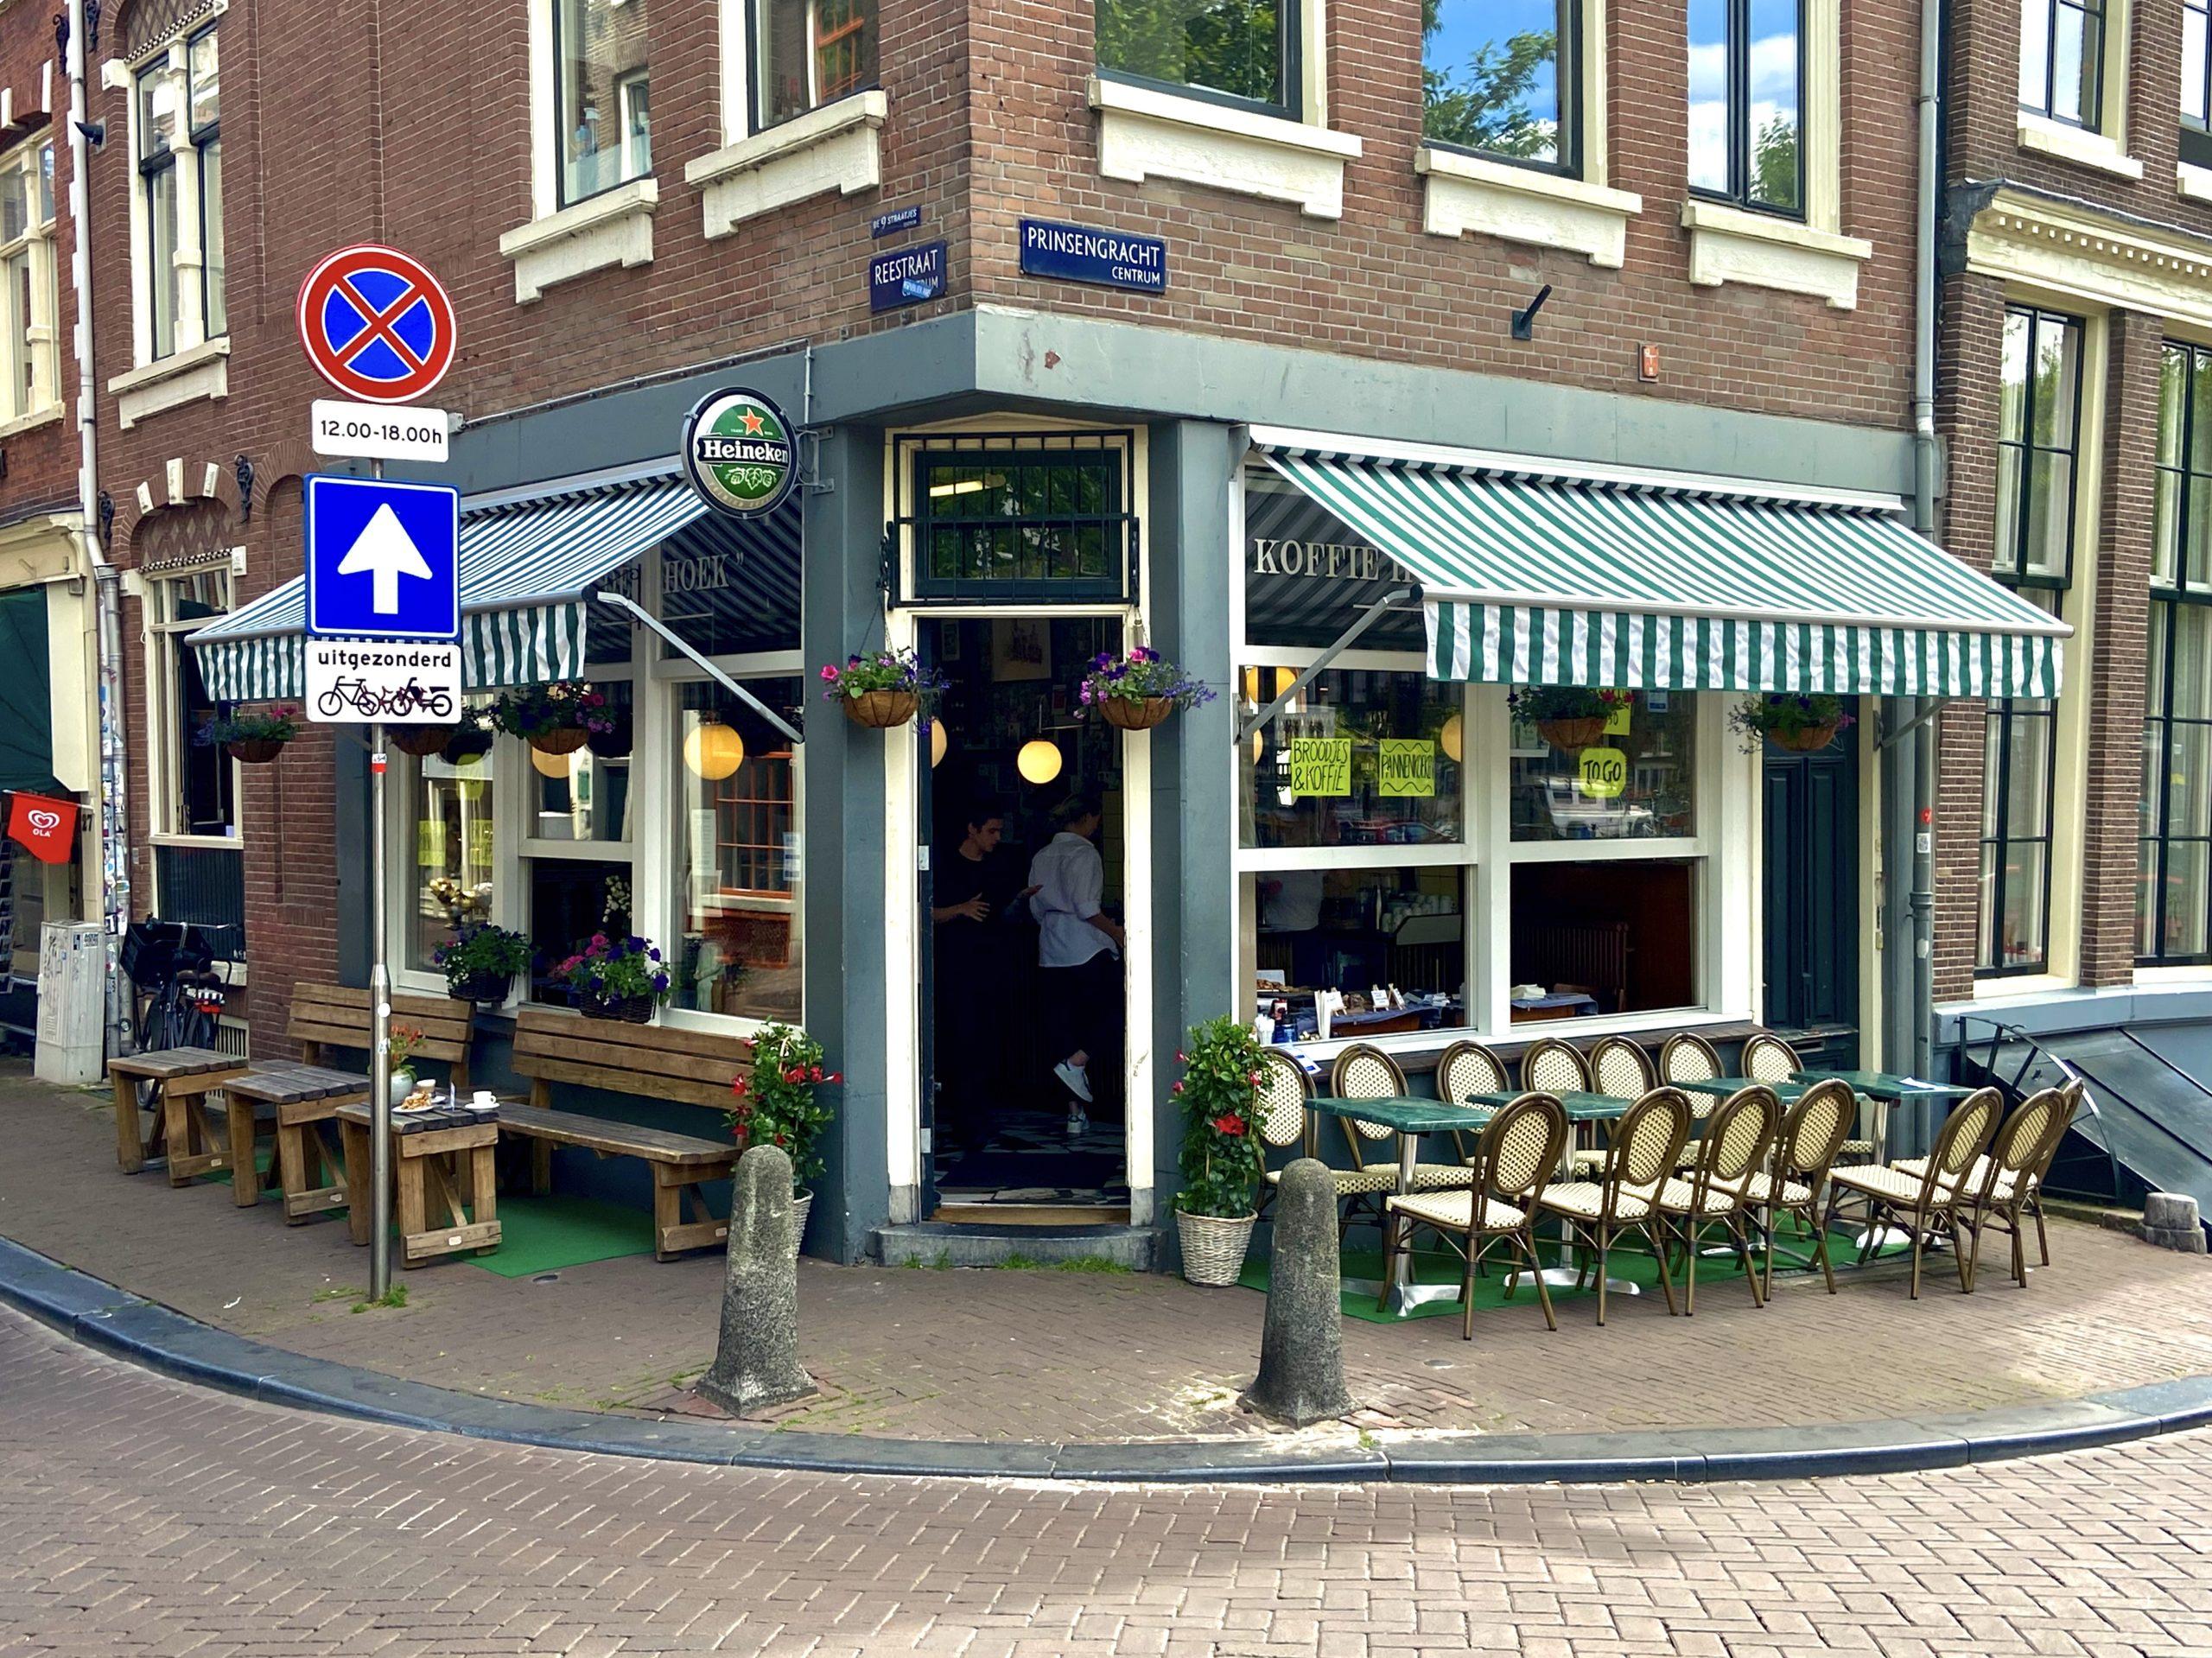 Koffiehuis De Hoek Buitenaanzicht